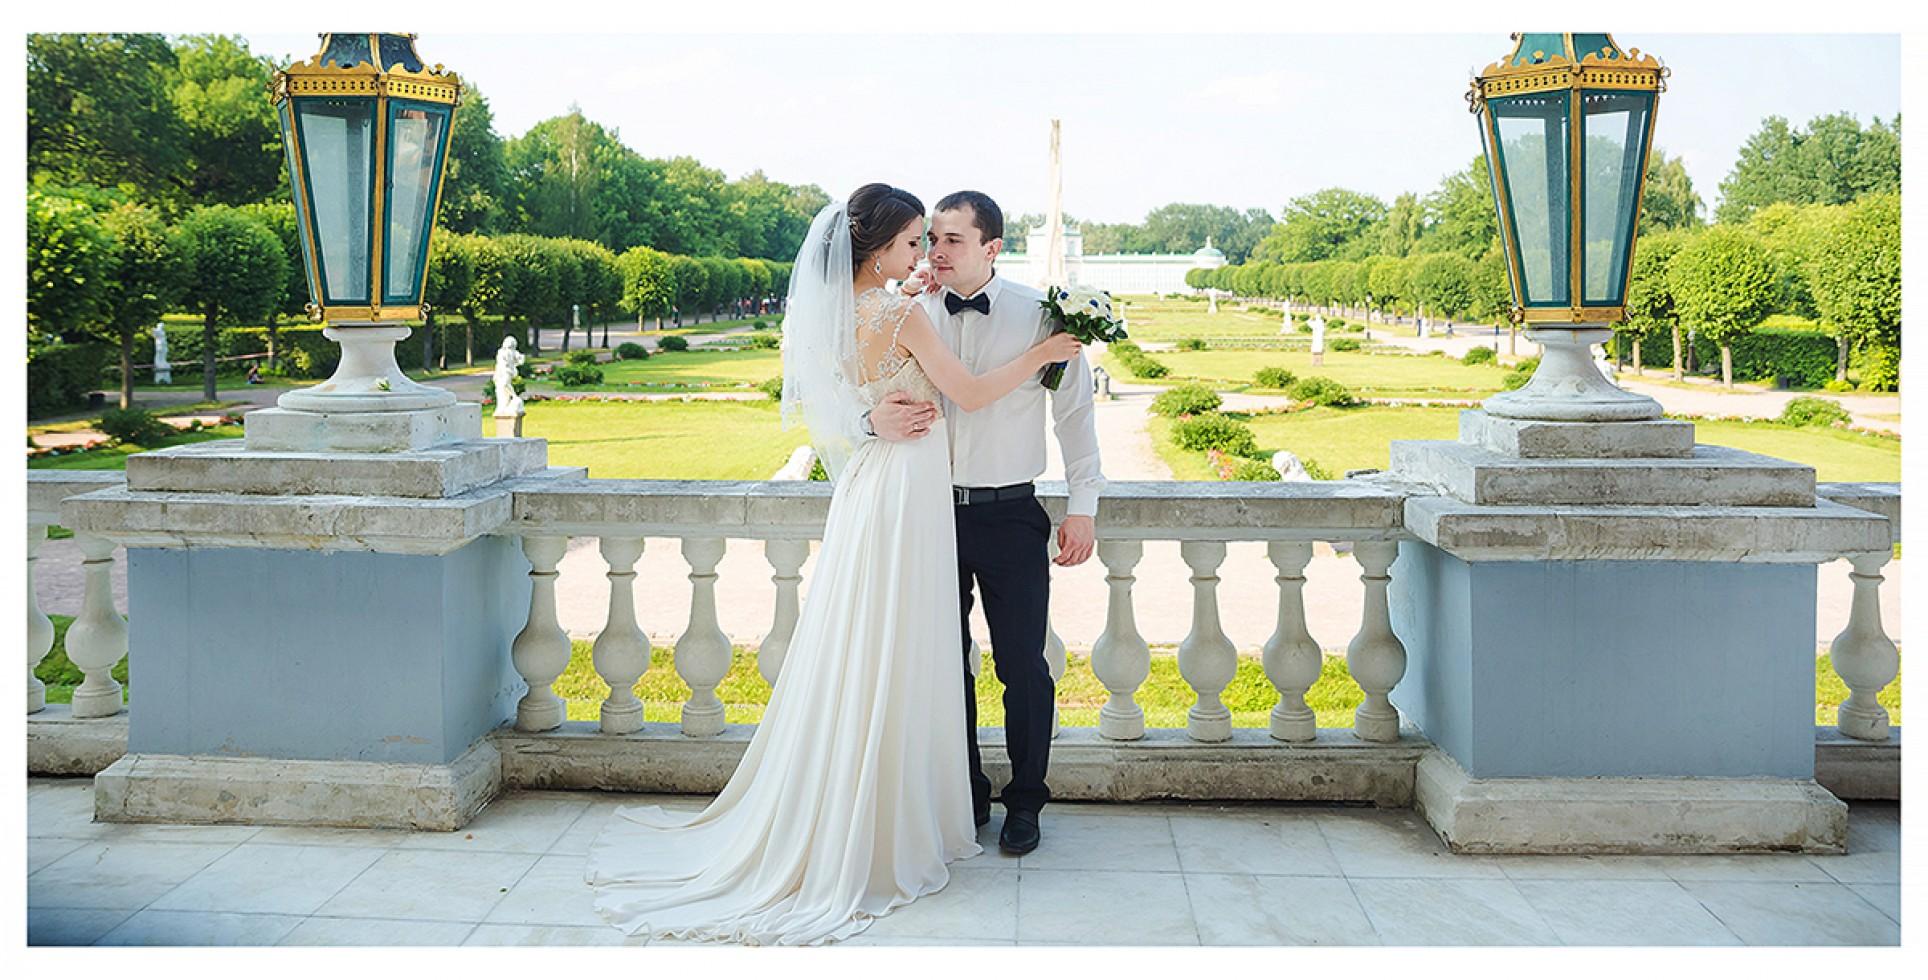 венки усадьба кусково для свадебной фотосессии разделе